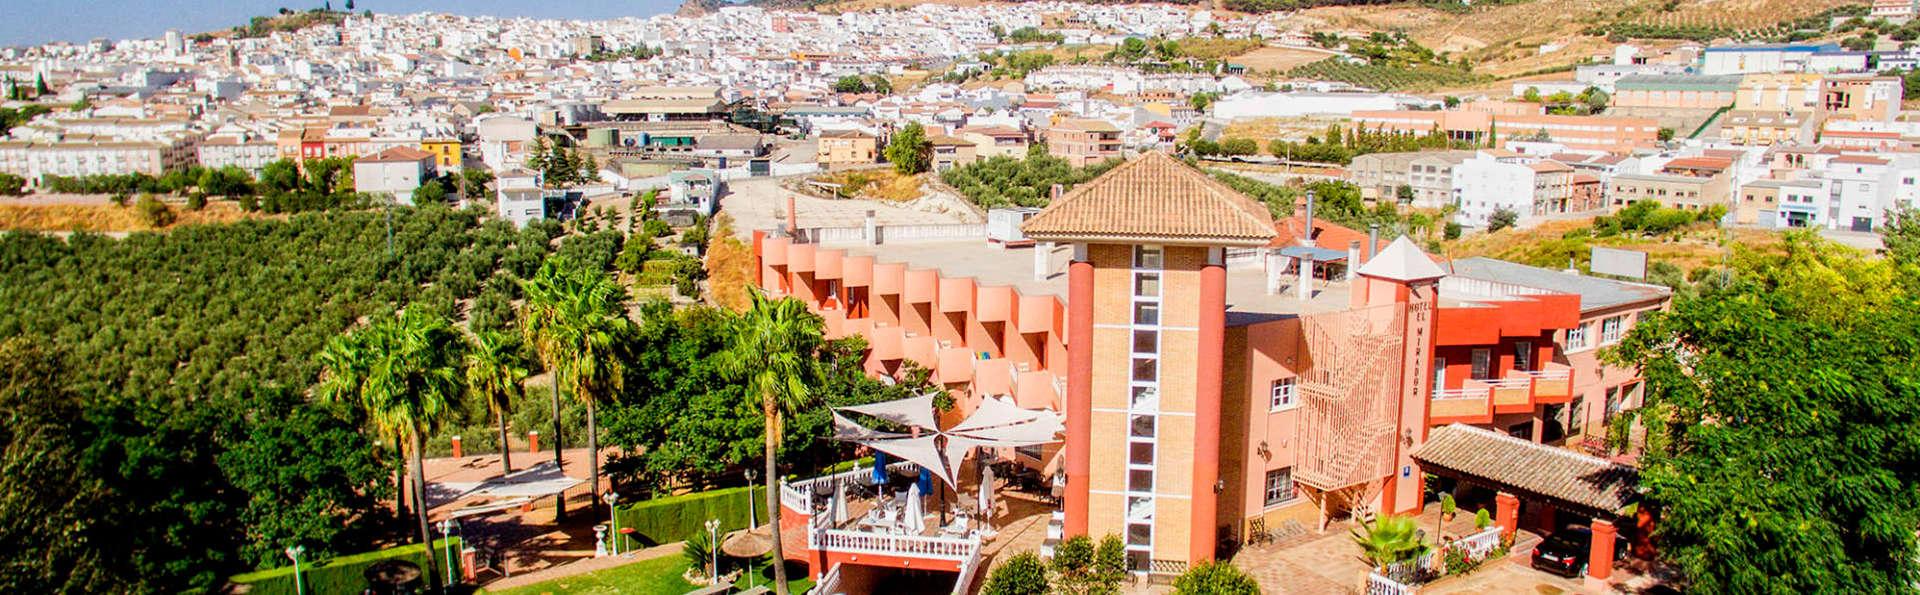 Hotel El Mirador de Rute - EDIT_aerea.jpg